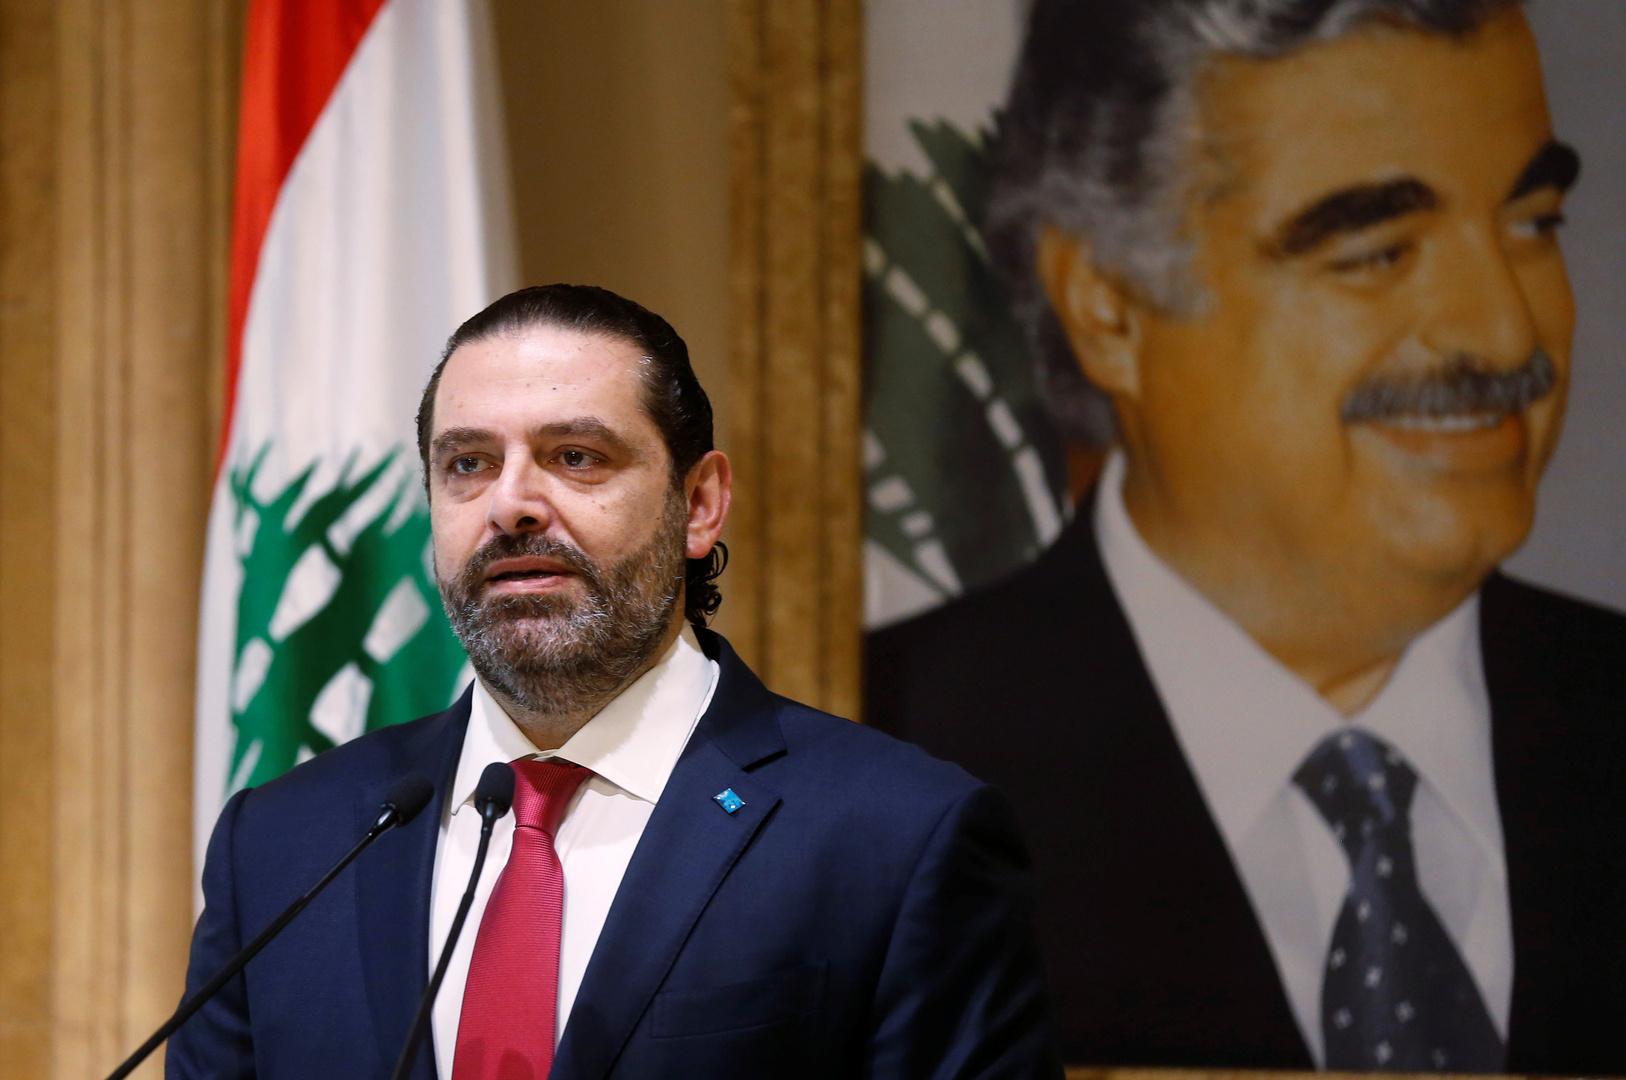 الحريري يتفقد موقع الانفجار بمرفأ بيروت ويطالب بمساعدة خارجية لمعرفة أسبابه